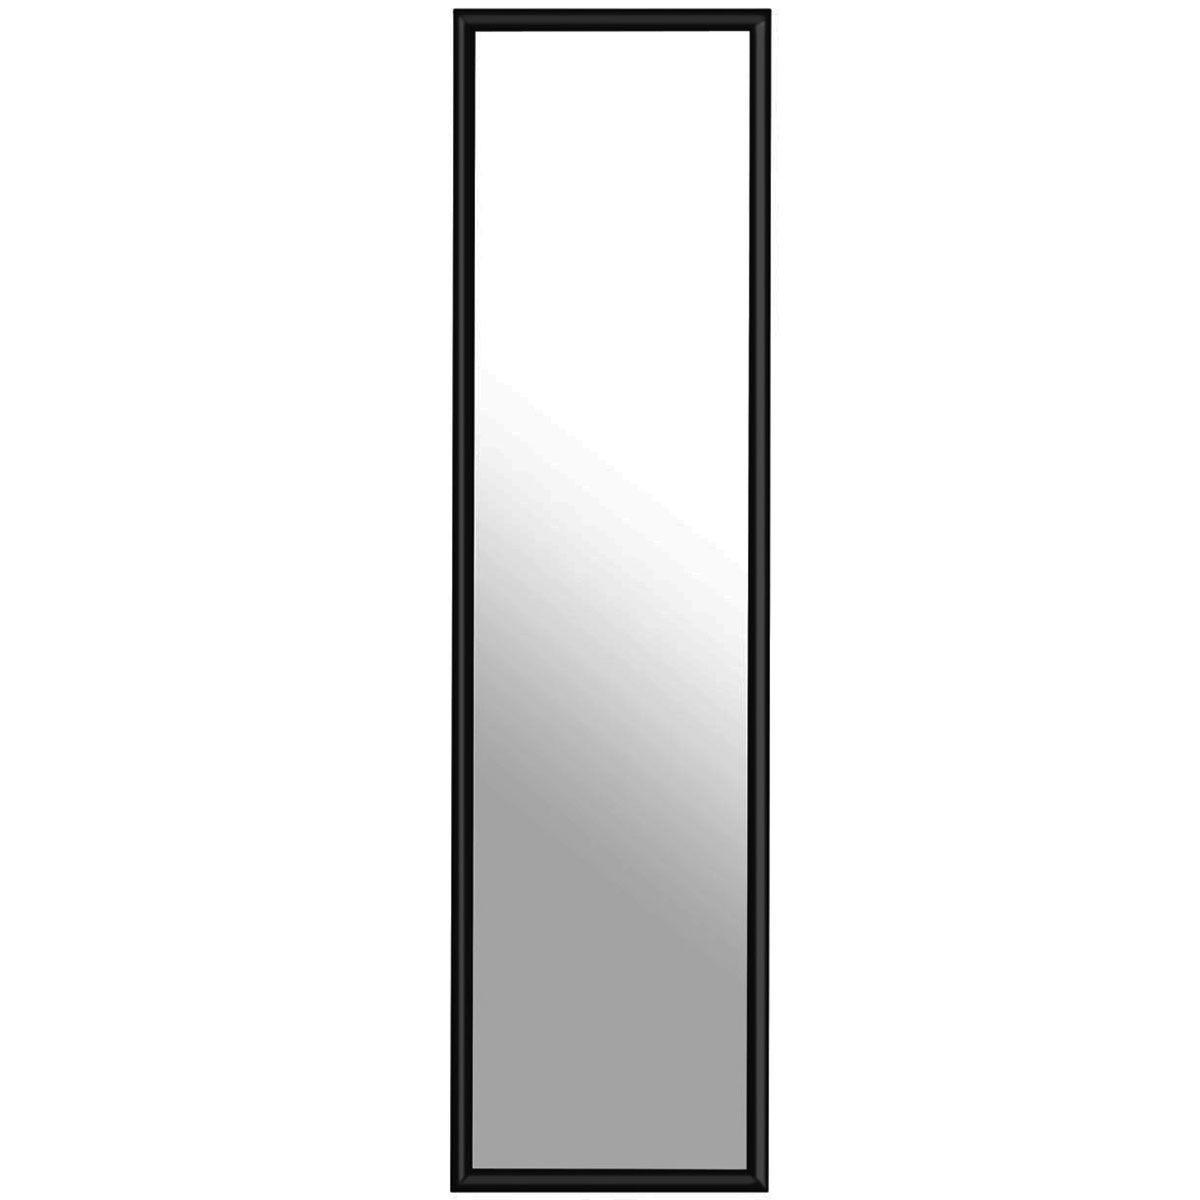 Premier Housewares Plastic Frame Over Door Mirror - Black